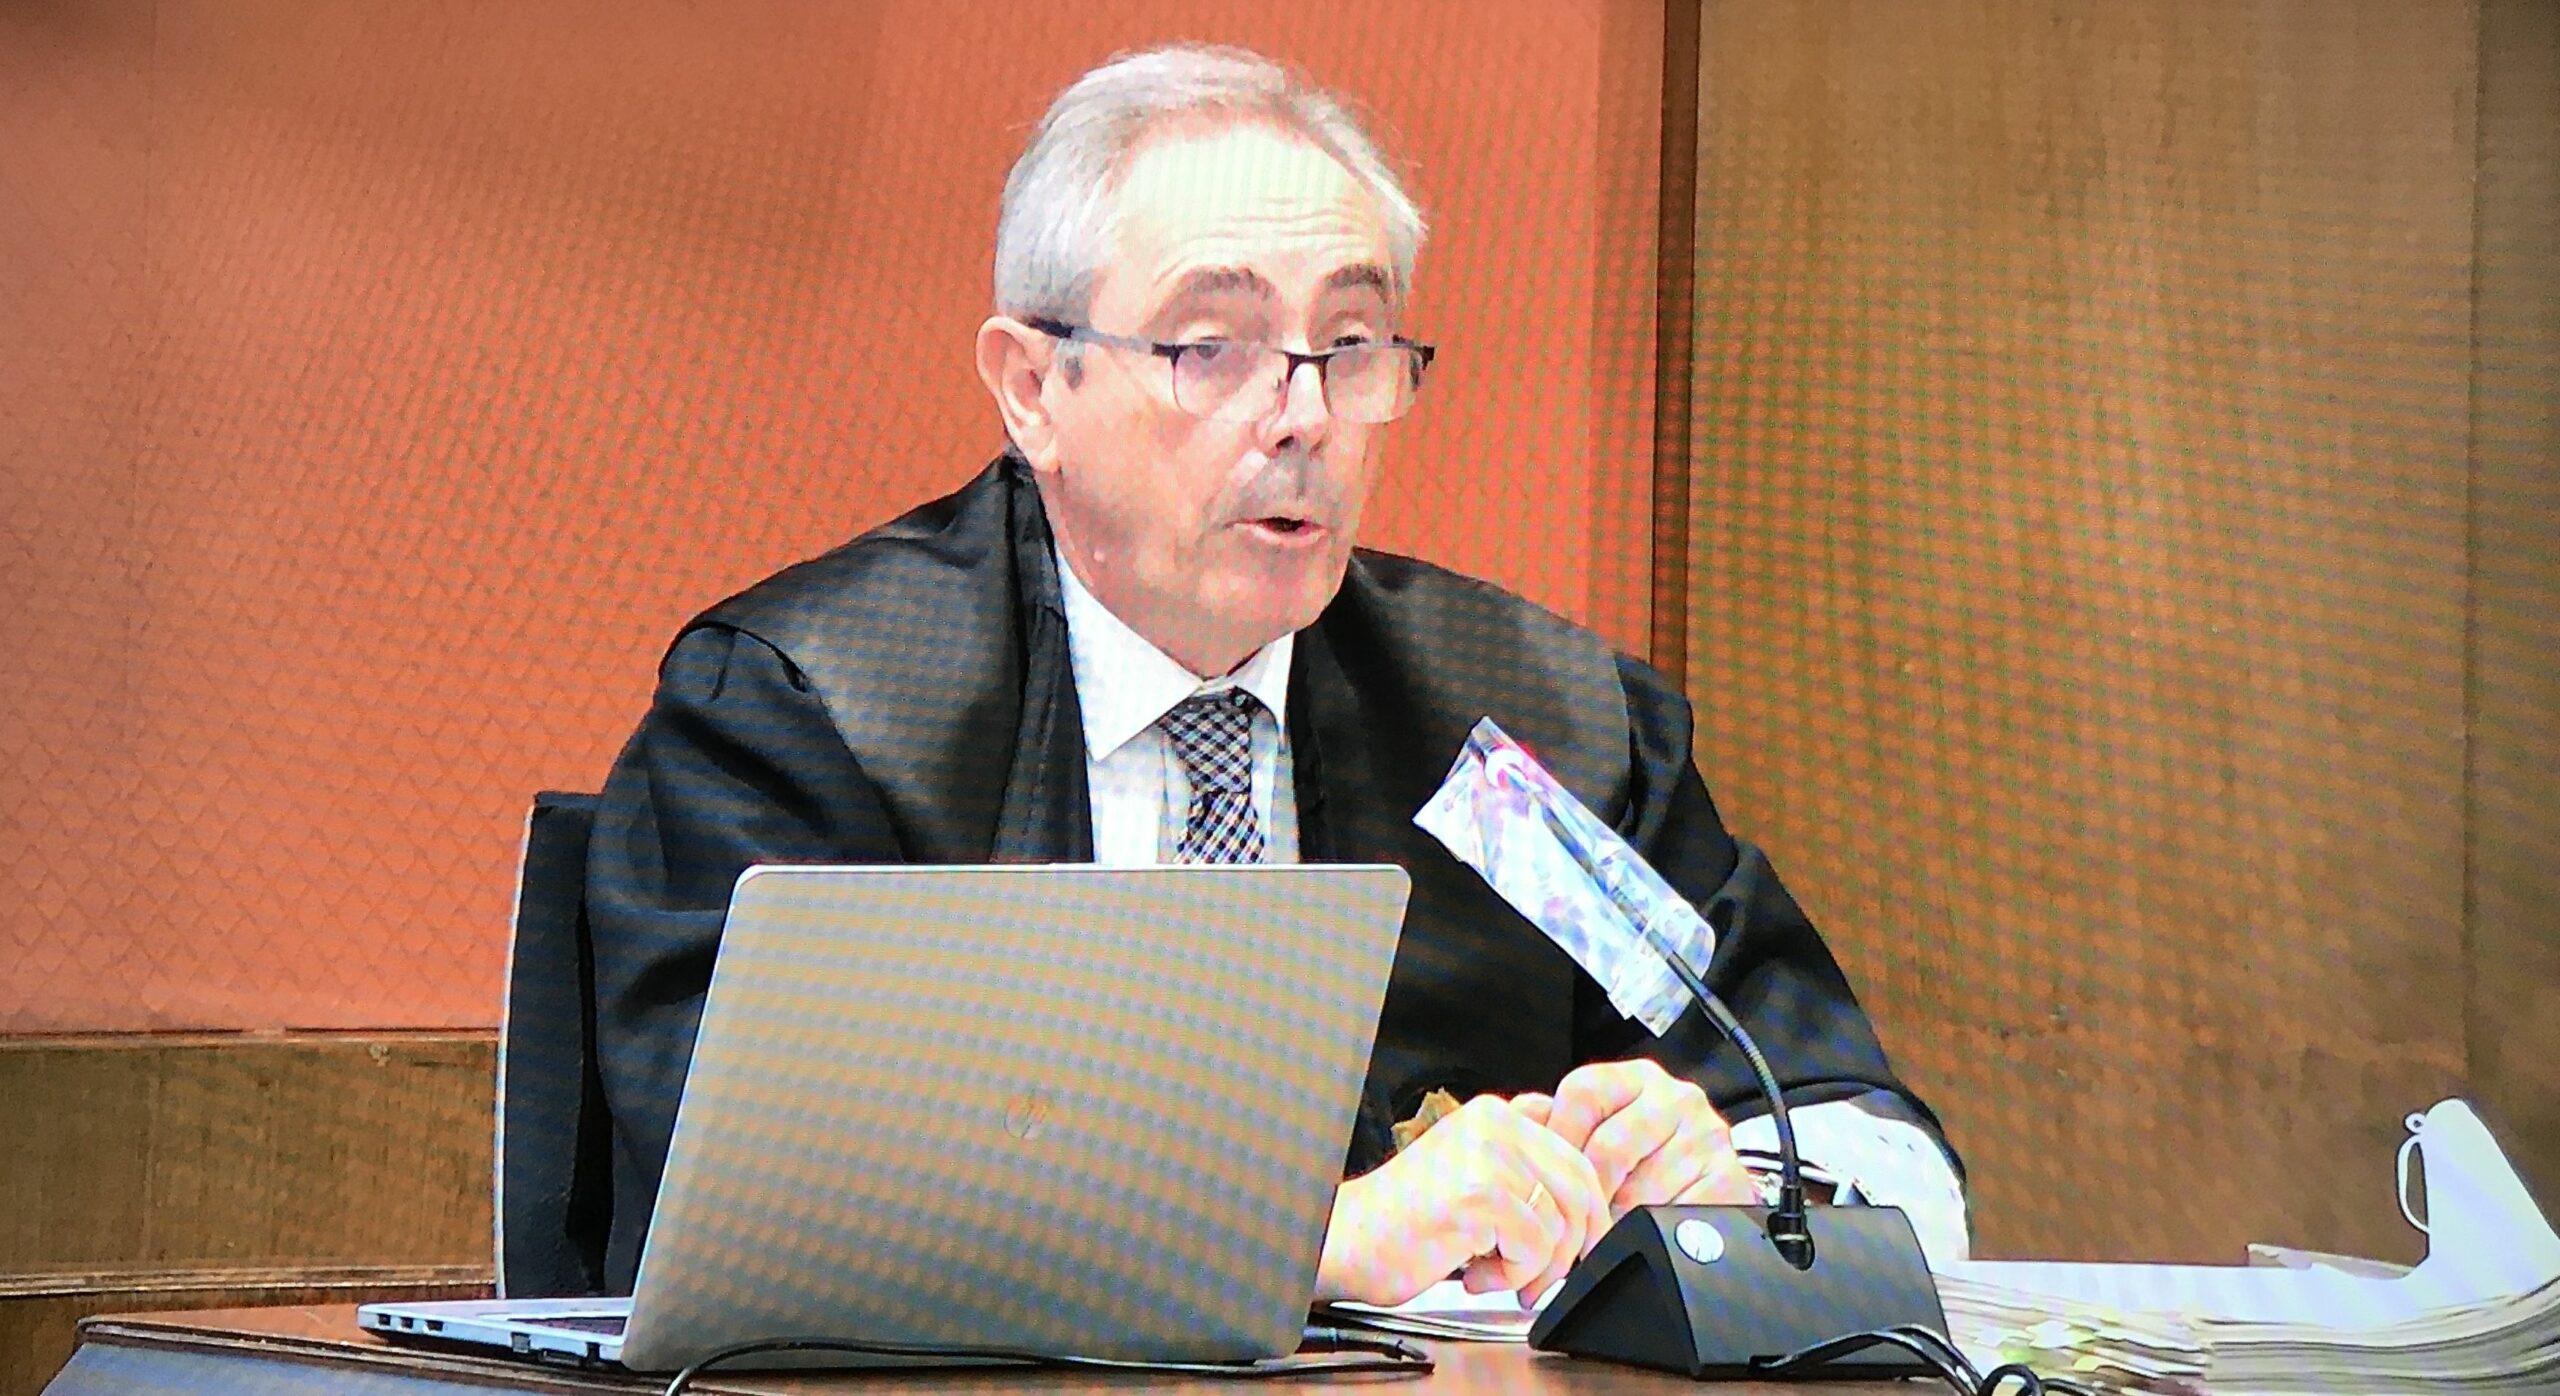 El fiscal Ariche, en un moment de la seva intervenci? defensant que no ?s un judici pol?tic